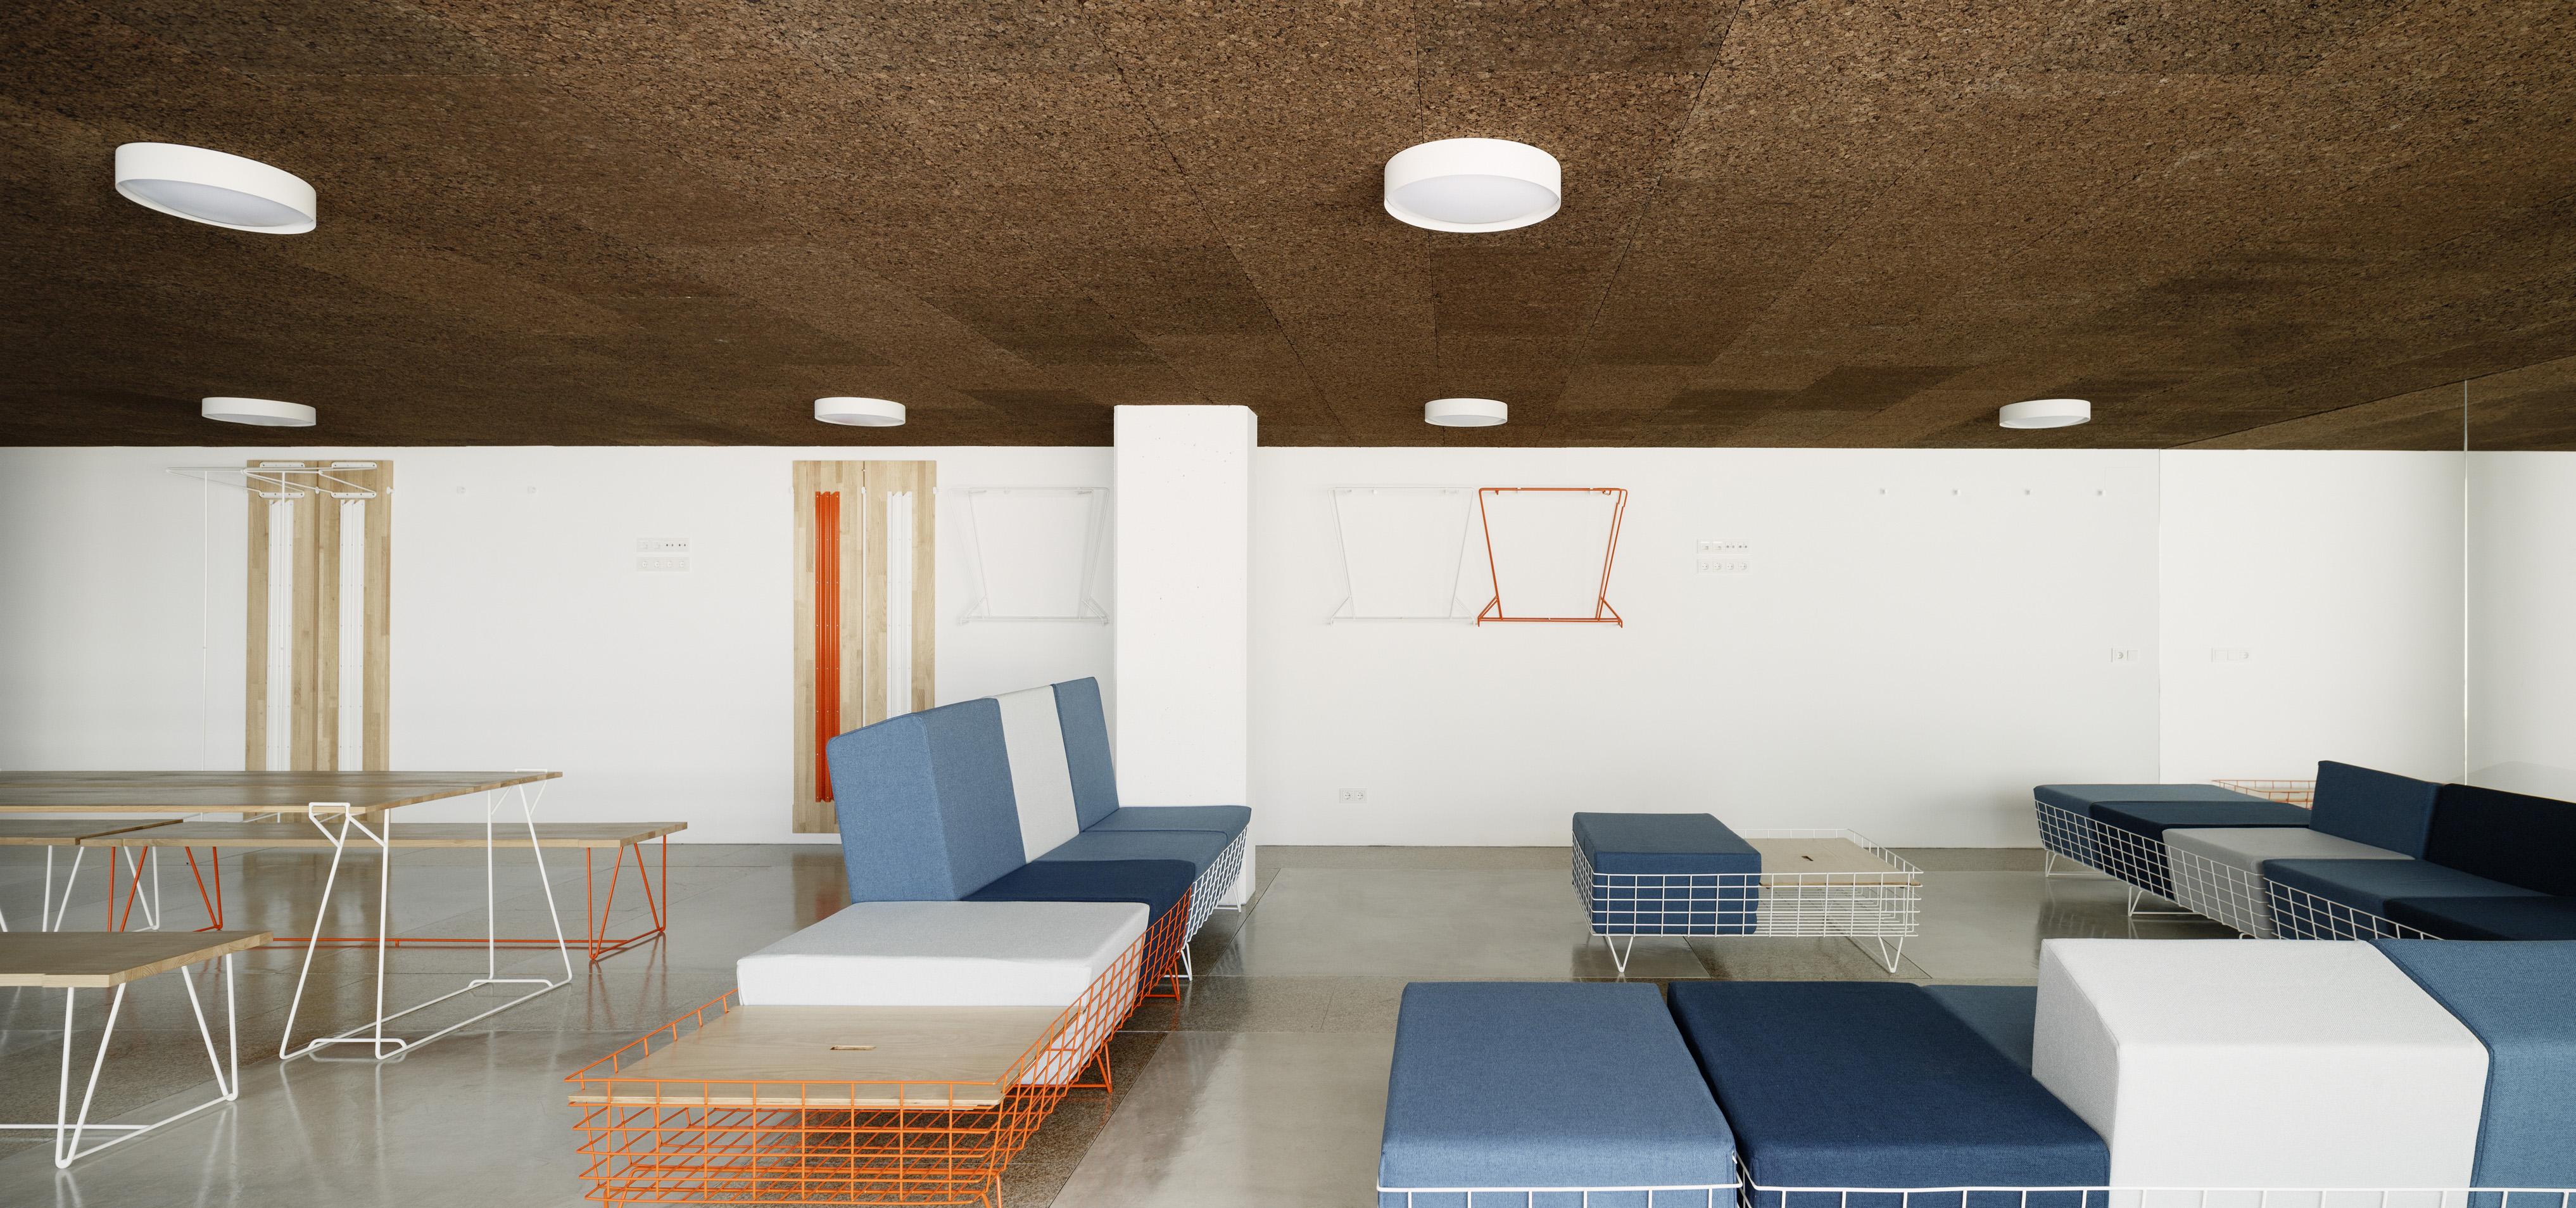 Sistema de mobiliario 13Rosas  by Cenlitrosmetrocadrado - Creative Work